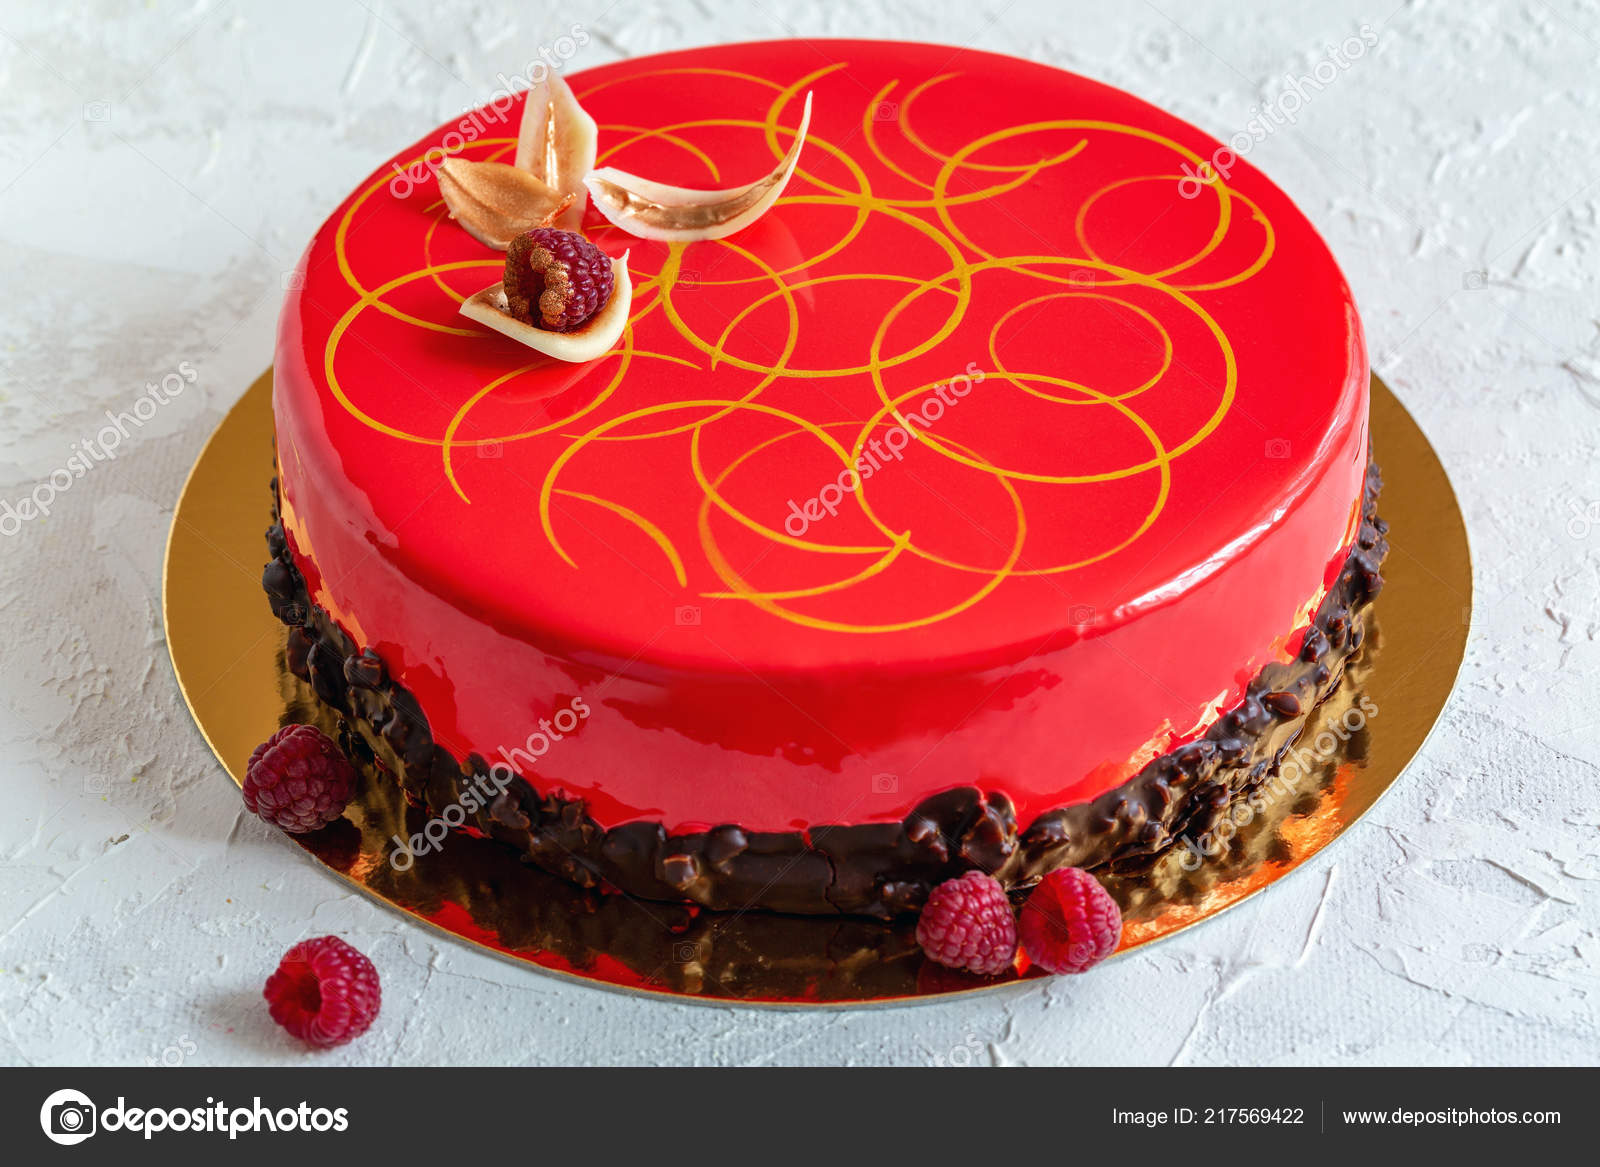 Mousse Torte Mit Roten Spiegel Glasur Schokolade Dekor Und Frische